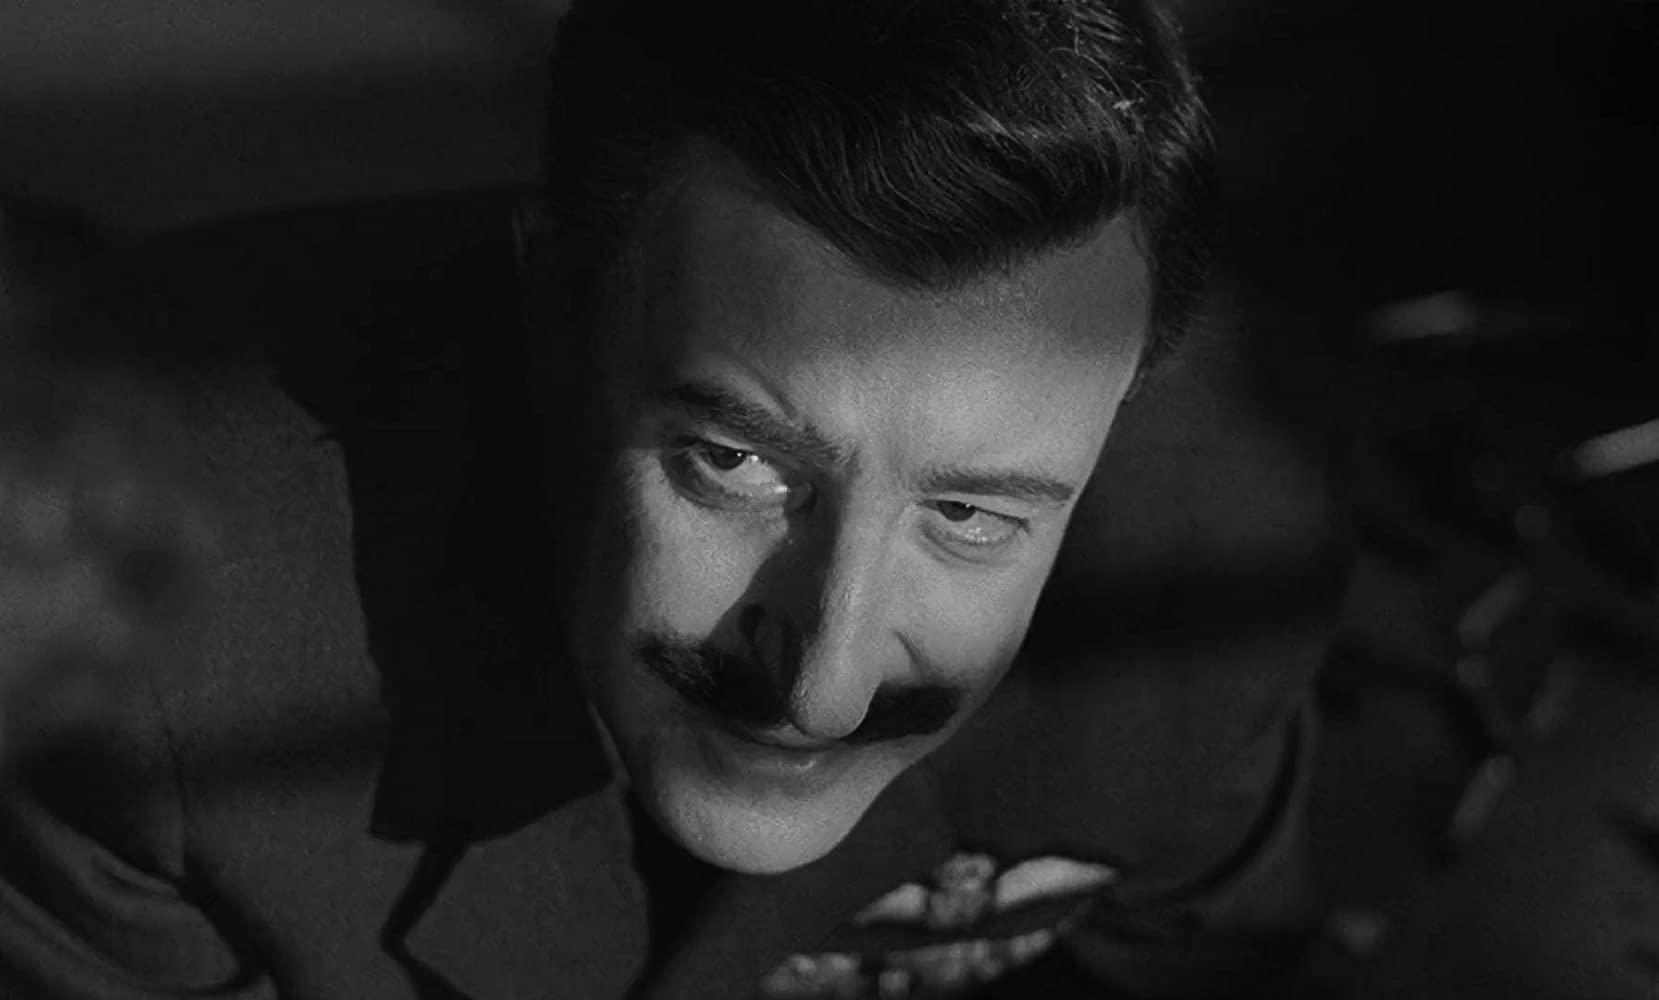 Peter Sellars in Stanledy Kubrick's Dr. Strangelove